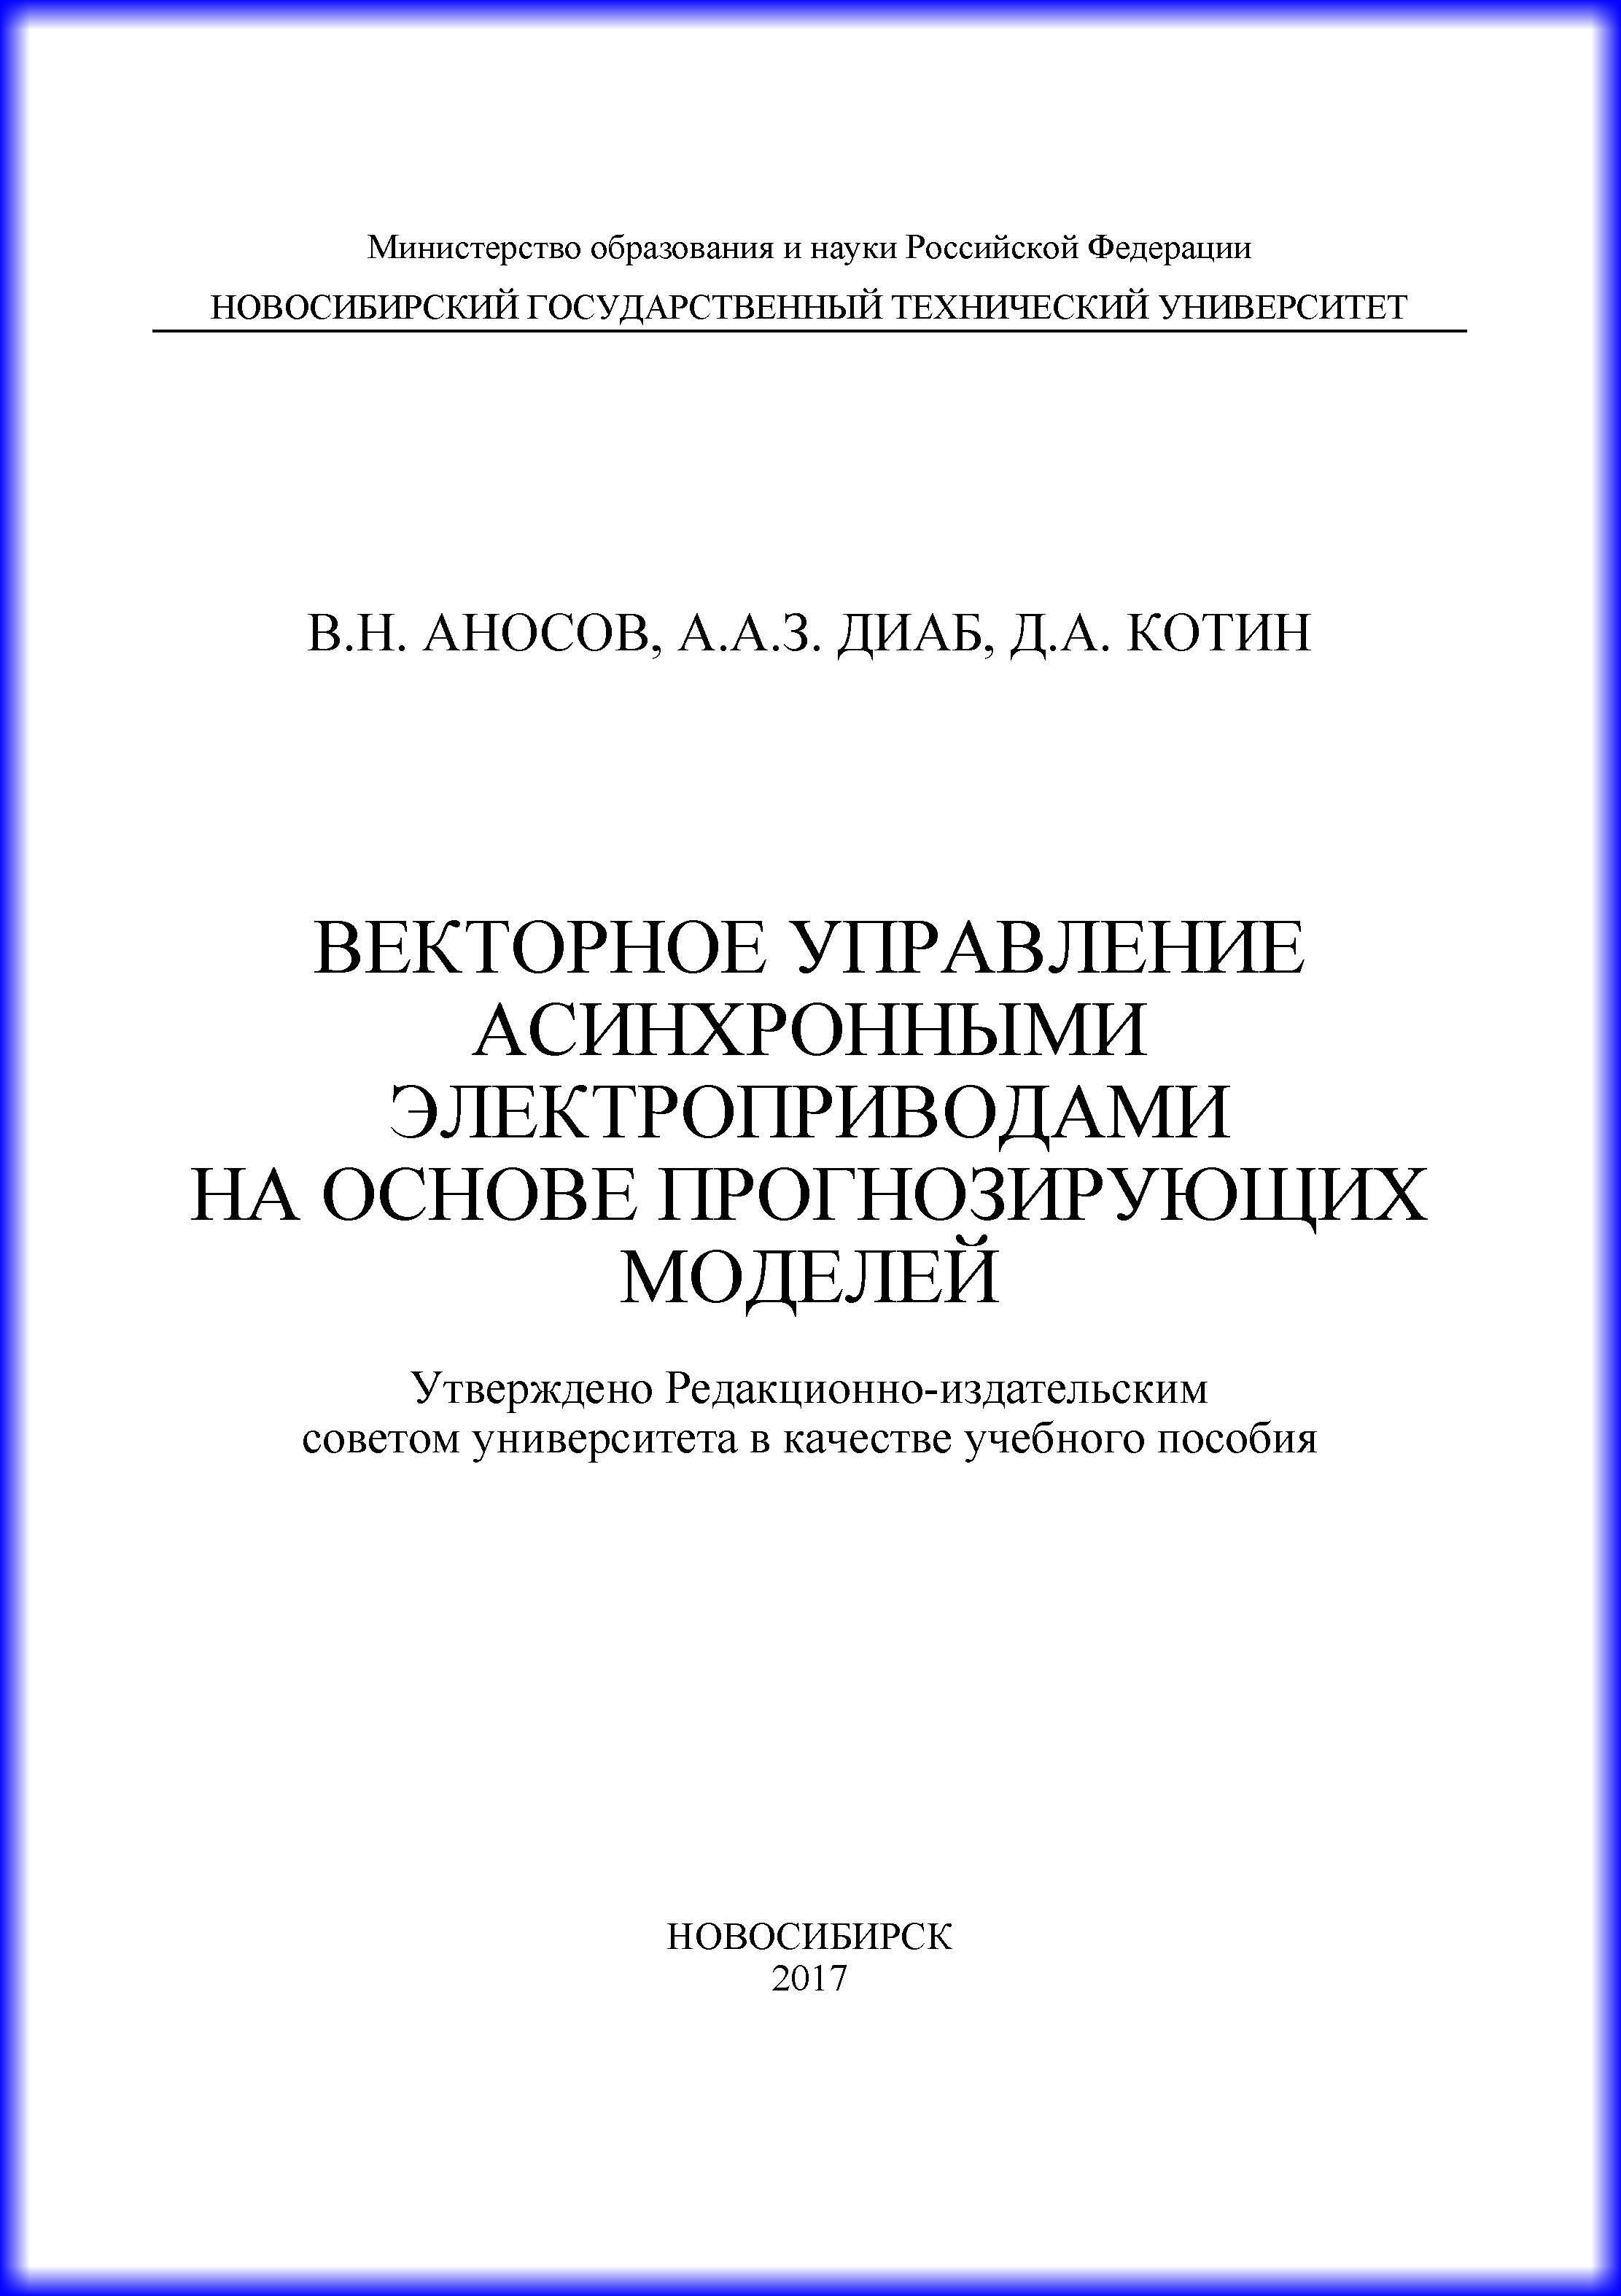 Д. А. Котин Векторное управление асинхронными электроприводами на основе прогнозирующих моделей